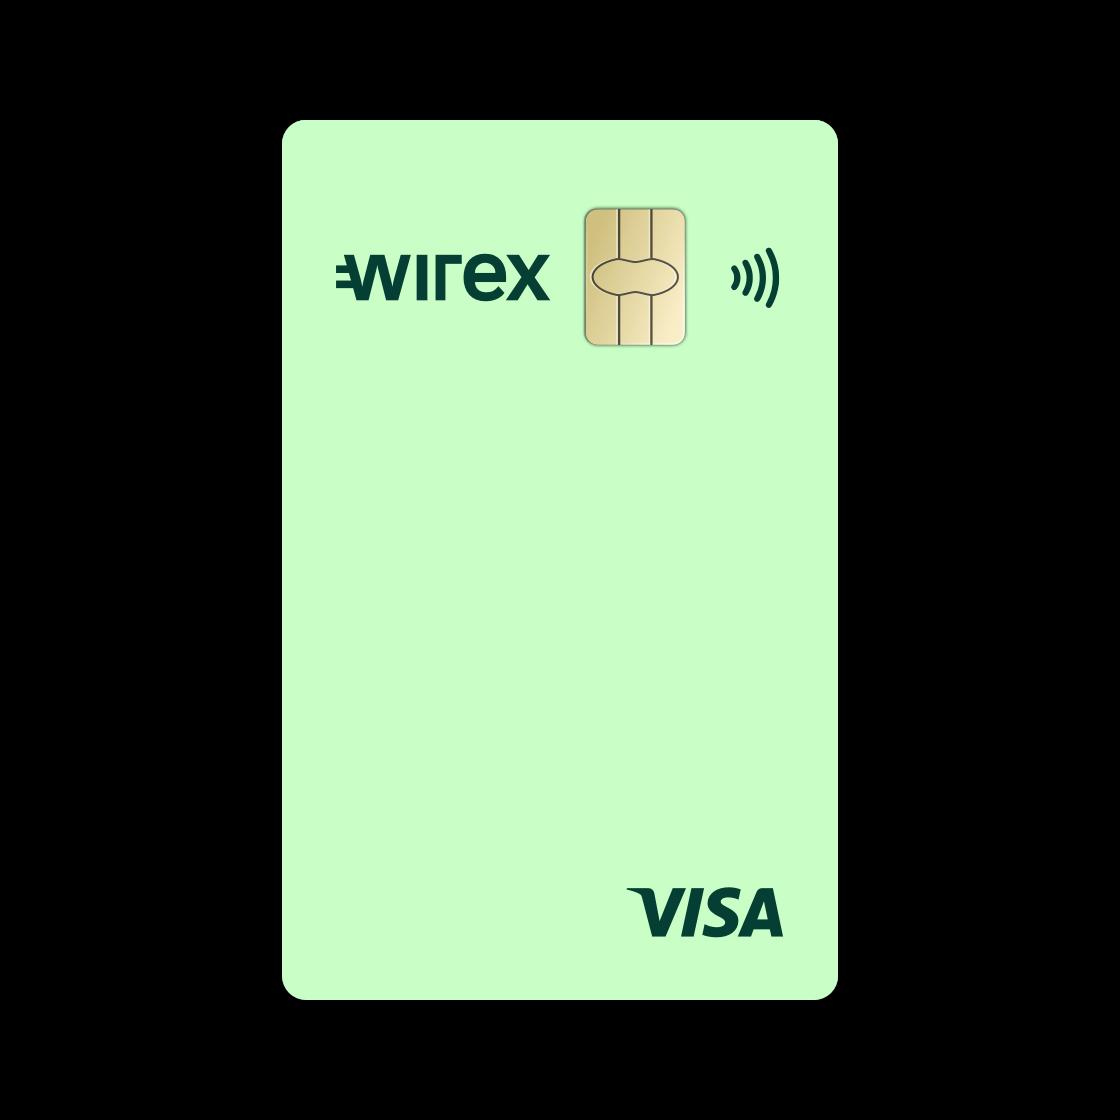 Wirex Imagen de la Tarjeta